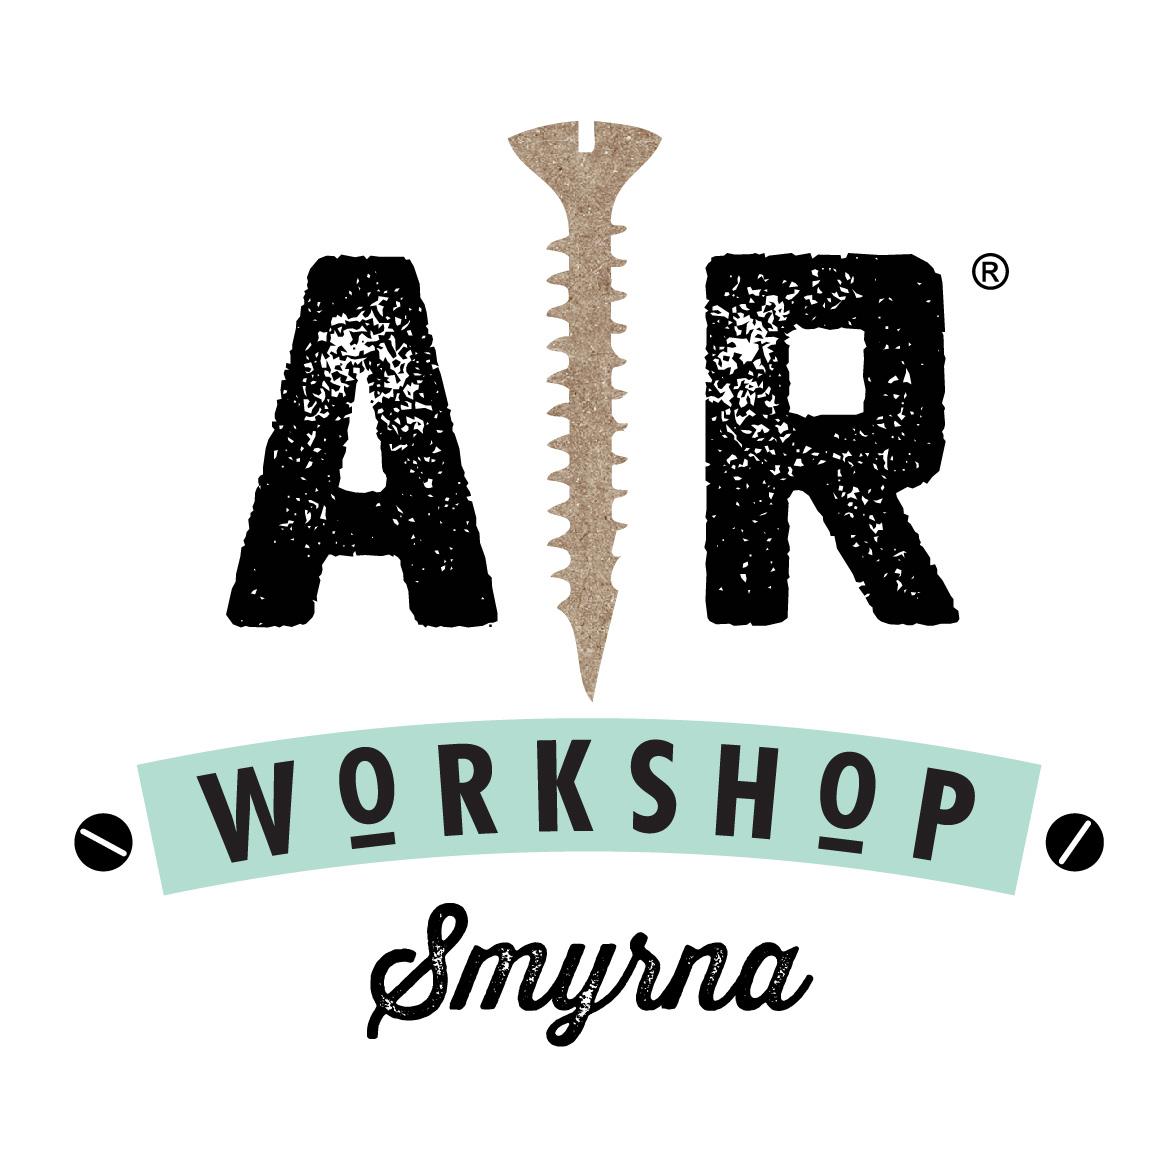 arw-r-logo-Smyrna-02.jpg